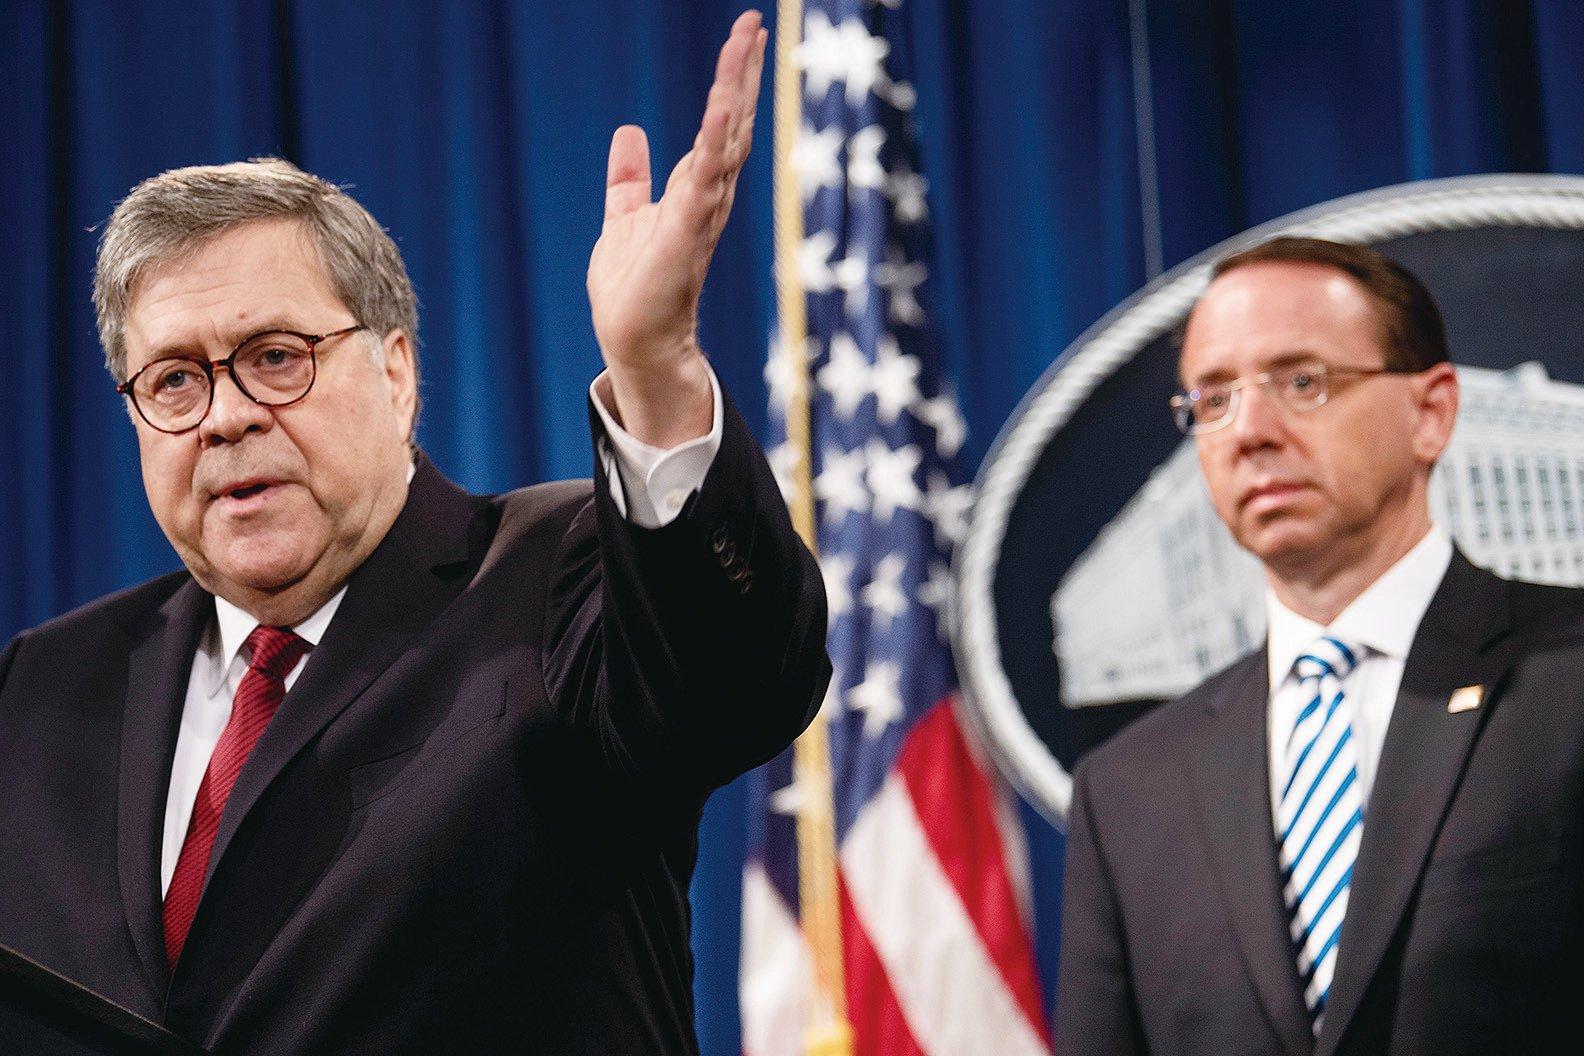 4月18日,美國司法部公佈了穆勒報告的公開版本。司法部長威廉姆巴爾(左)在新聞發佈會上再次確認特朗普總統及其競選團隊在2016年大選期間,沒有與俄羅斯共謀企圖影響大選,也沒有妨礙司法。(Getty Images)